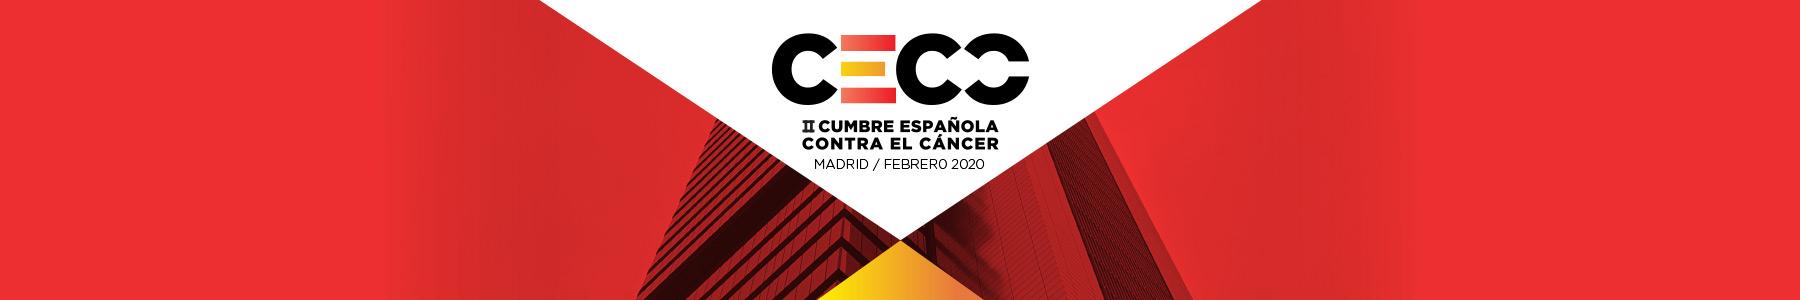 banner-aeal-cumbre-espanola-cancer-gepac-2020